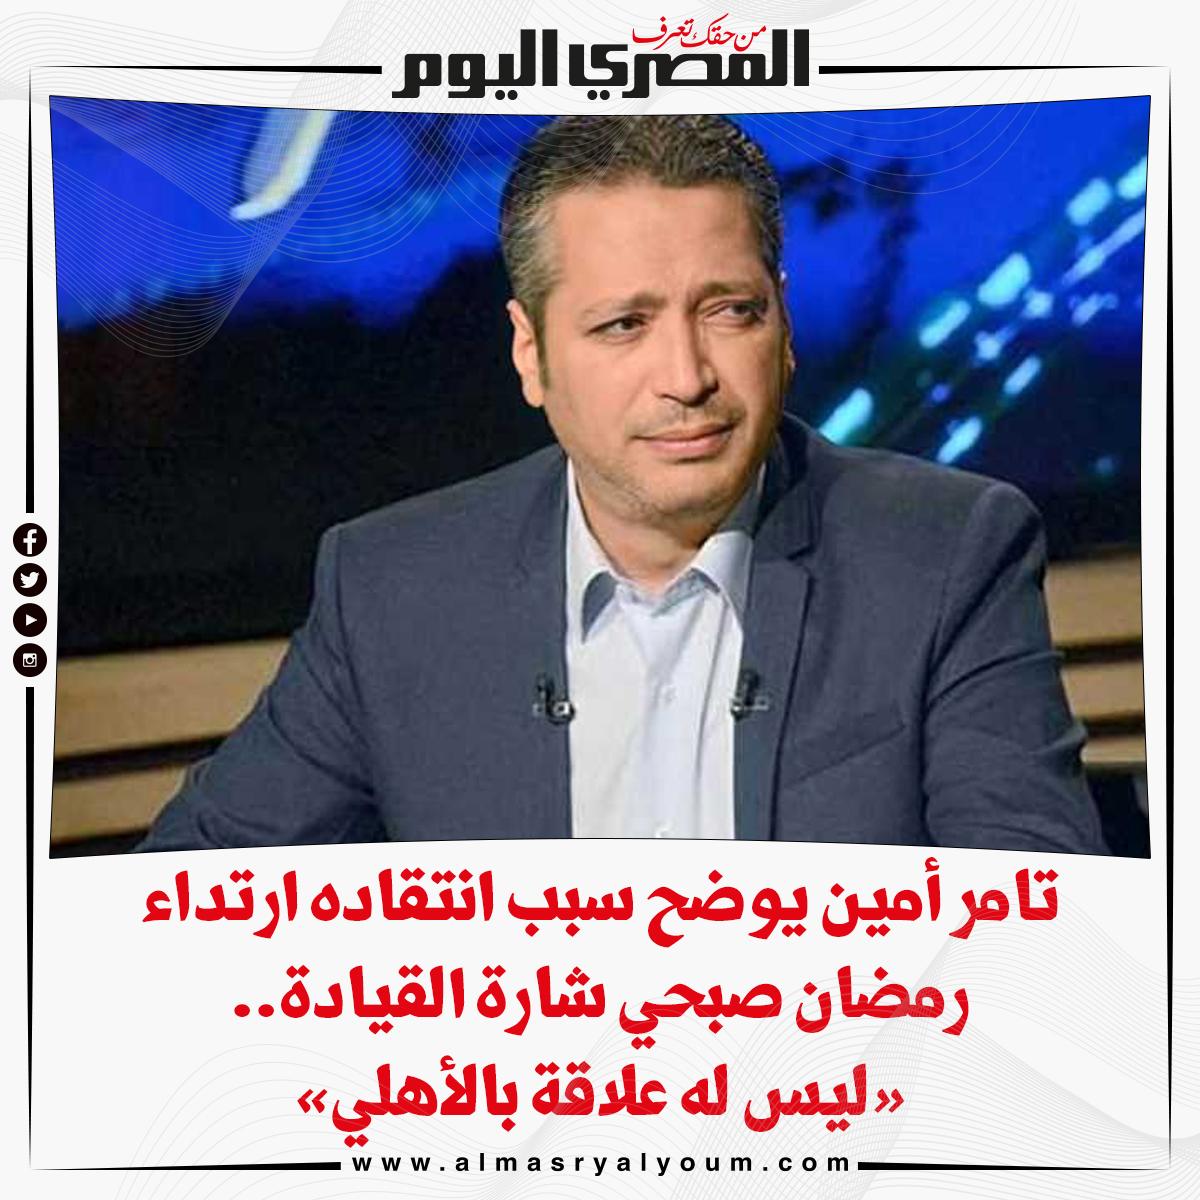 تامر أمين يوضح سبب انتقاده ارتداء رمضان صبحي شارة القيادة.. «ليس له علاقة بــ الأهلي»